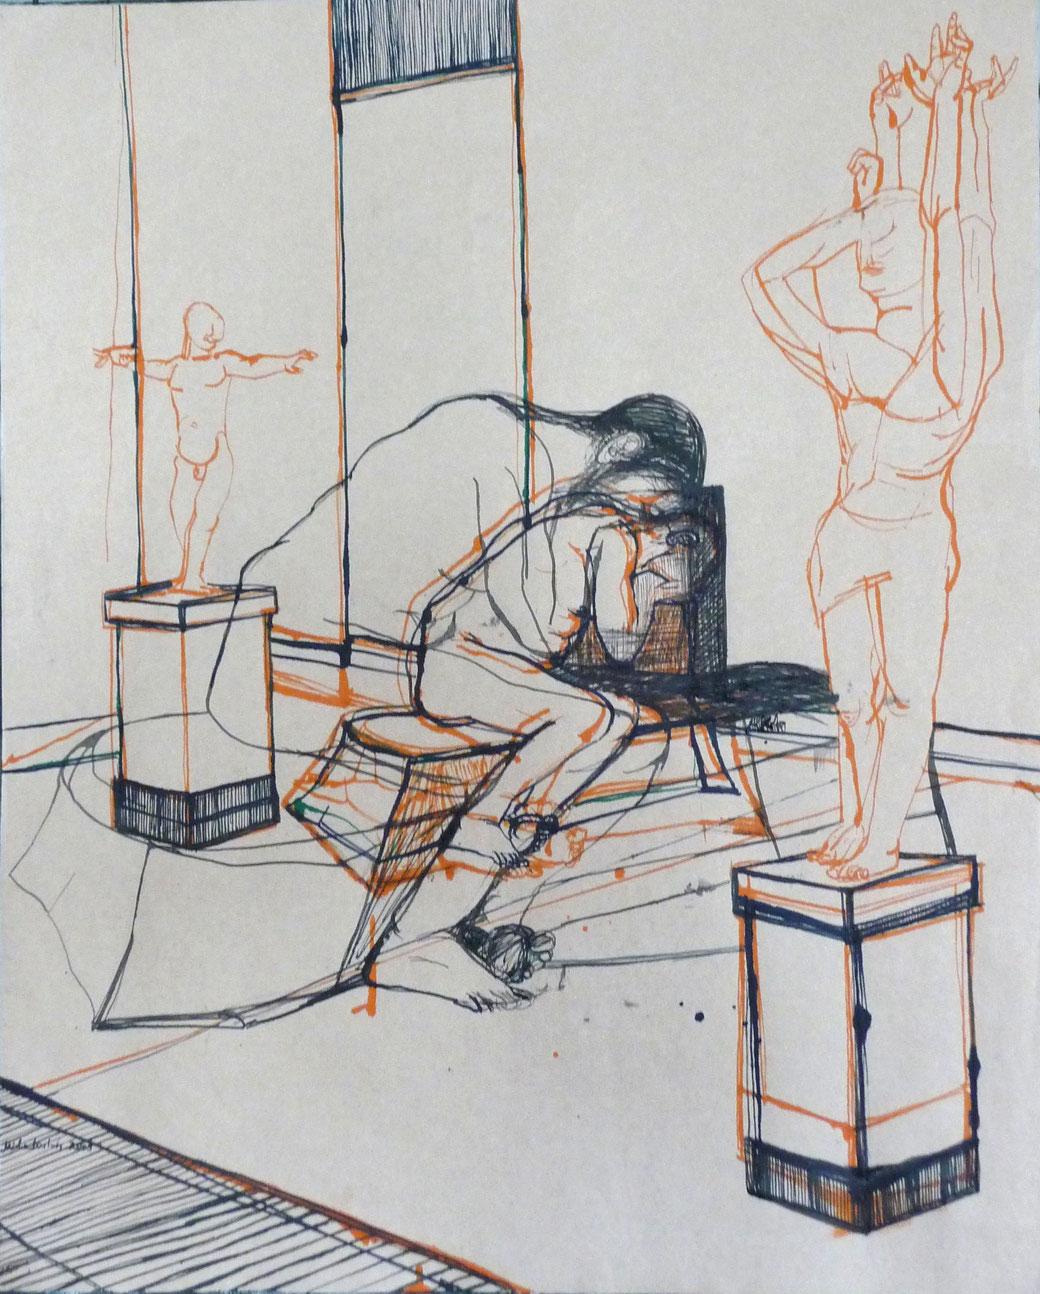 Aktzeichnung Alberto Galerie im Turm 2011